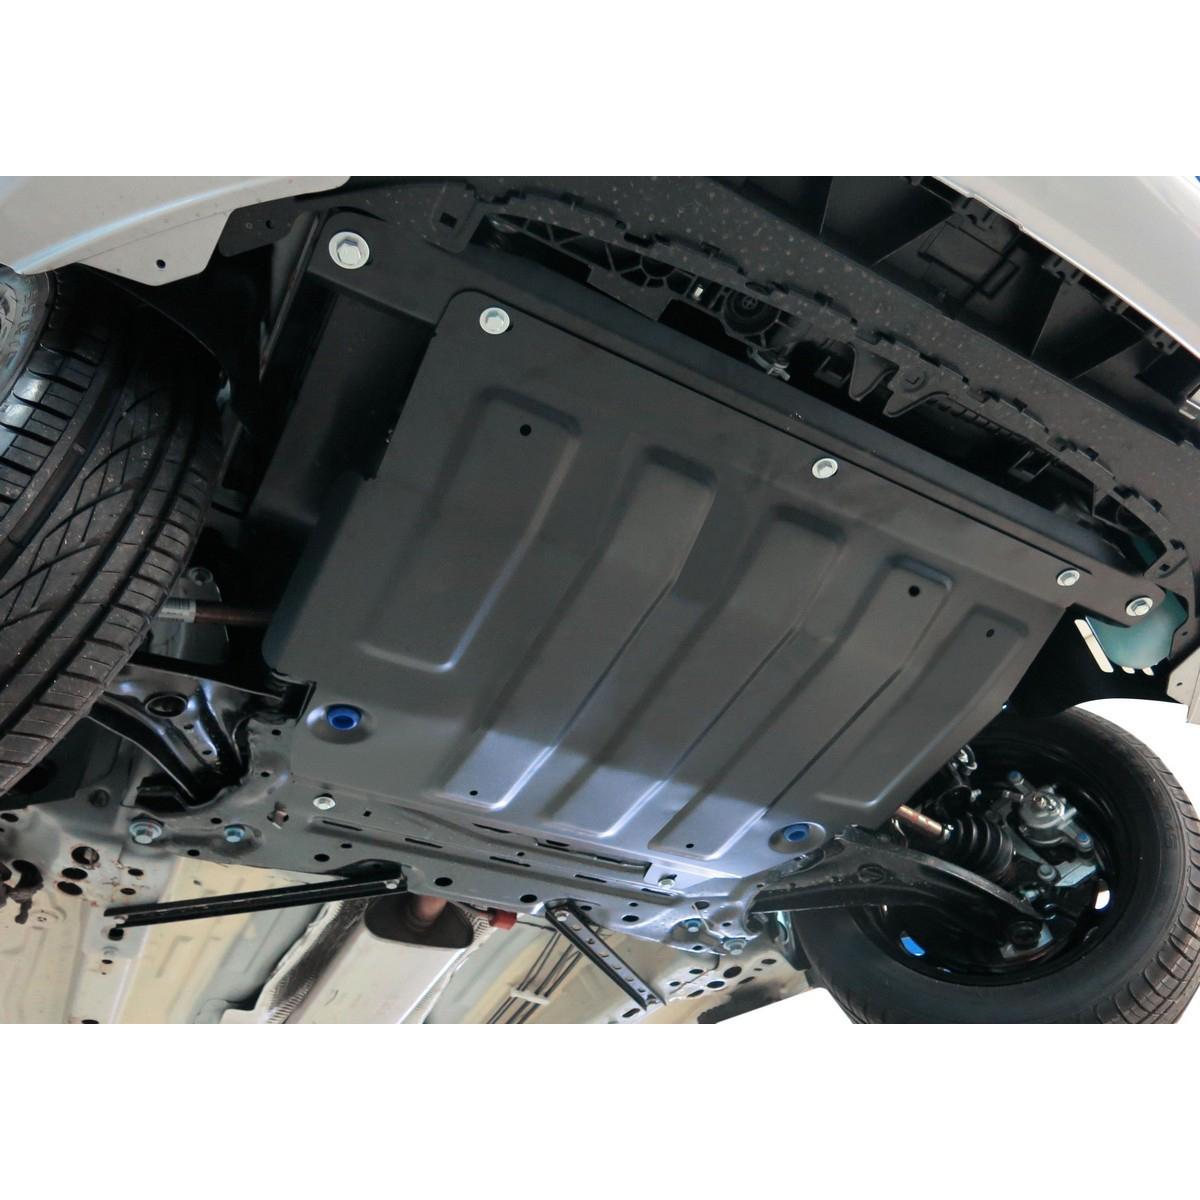 Защита картера и КПП Автоброня Ford Fiesta 2008-2015 2015-2016, сталь 2 мм - Тюнинг и защита - Защита внешних частей